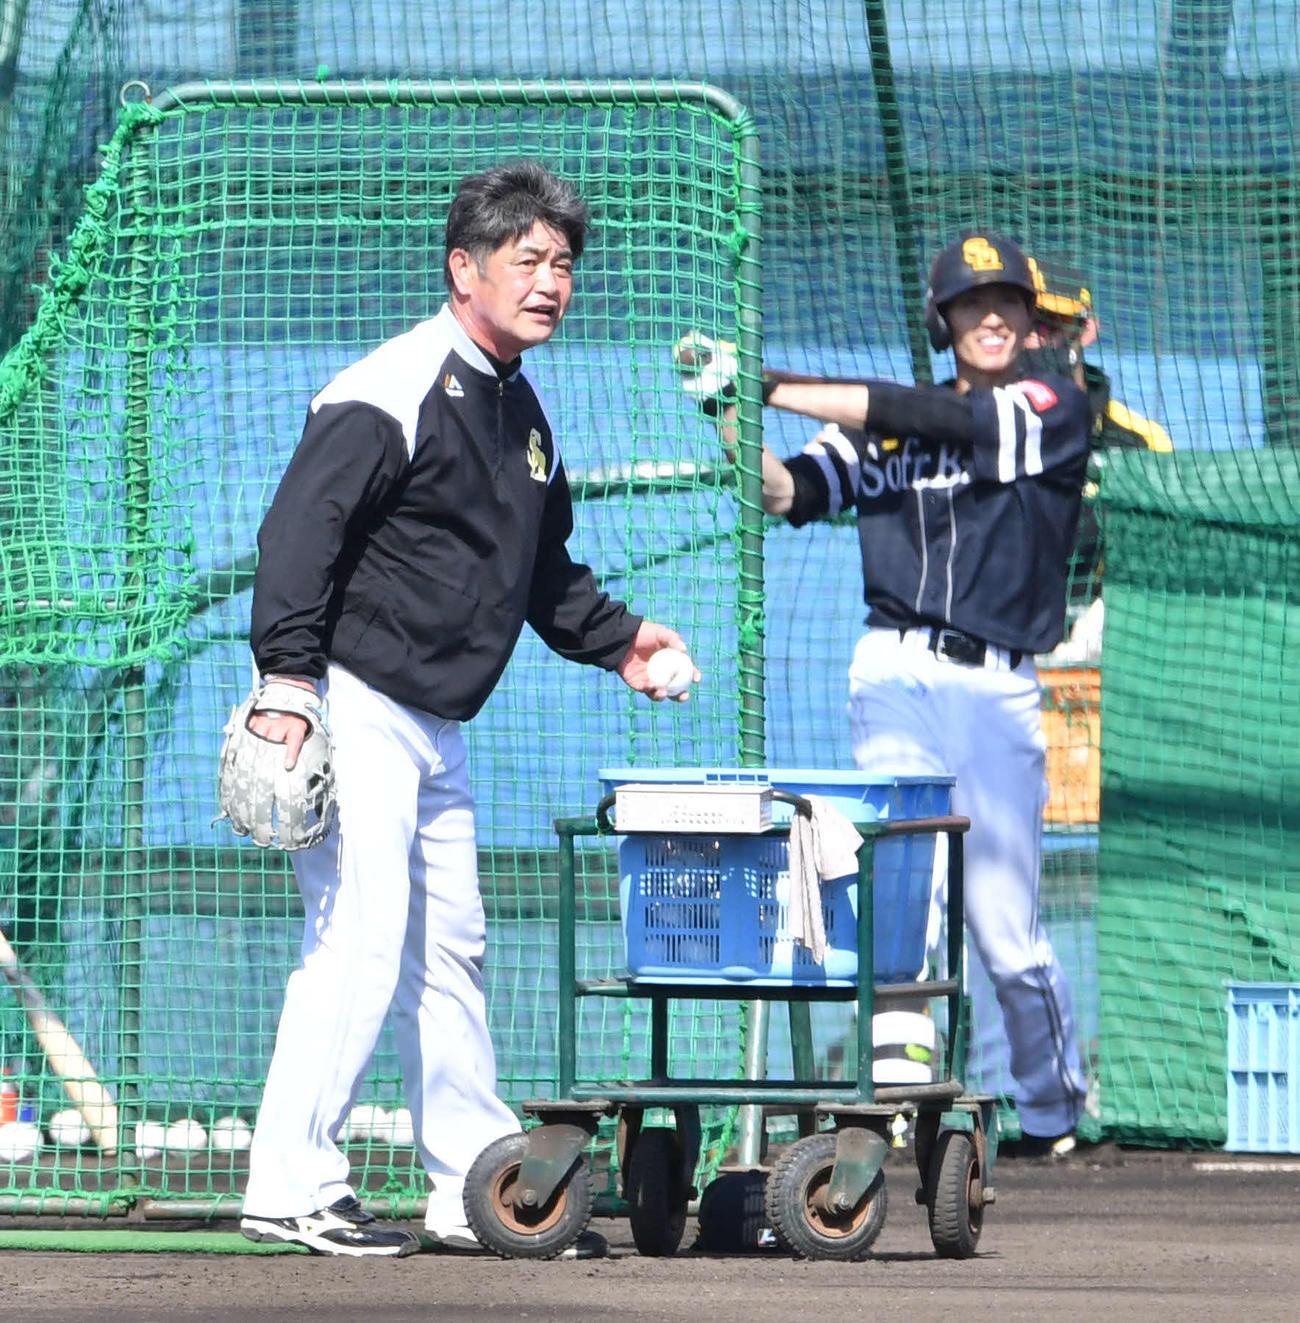 周東(右)の特打に登板し、打球の行方を見つめる工藤監督(撮影・岩下翔太)